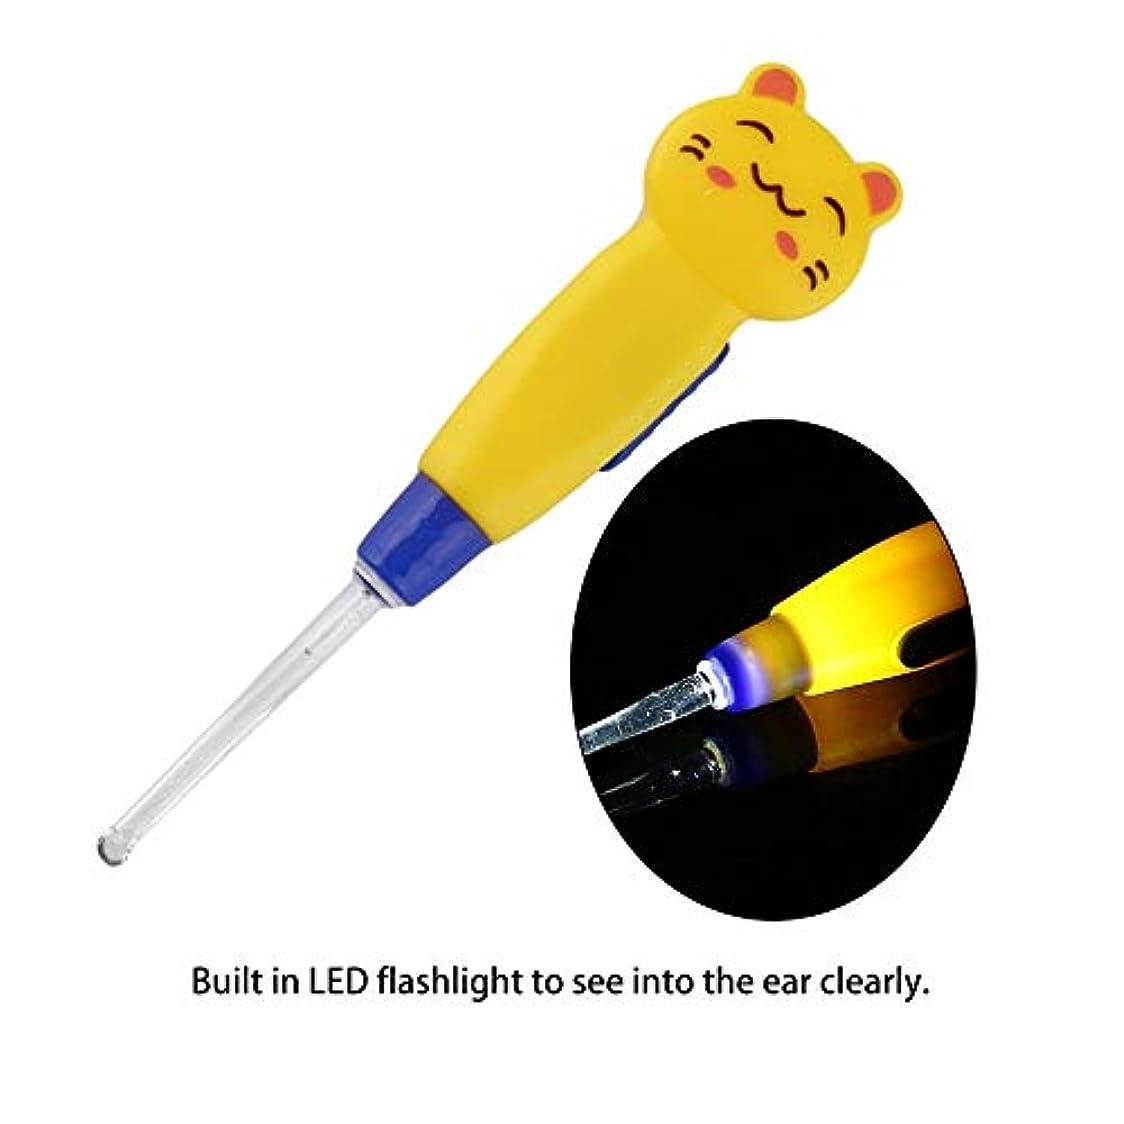 全体に破滅的な中にZHQI-GH 漫画動物装飾プラスチックイヤーピックポータブルLED懐中電灯イヤーワックス取り外しイヤーピッククリーナーヘルスケアツール14(カラーランダム) (Color : Yellow)